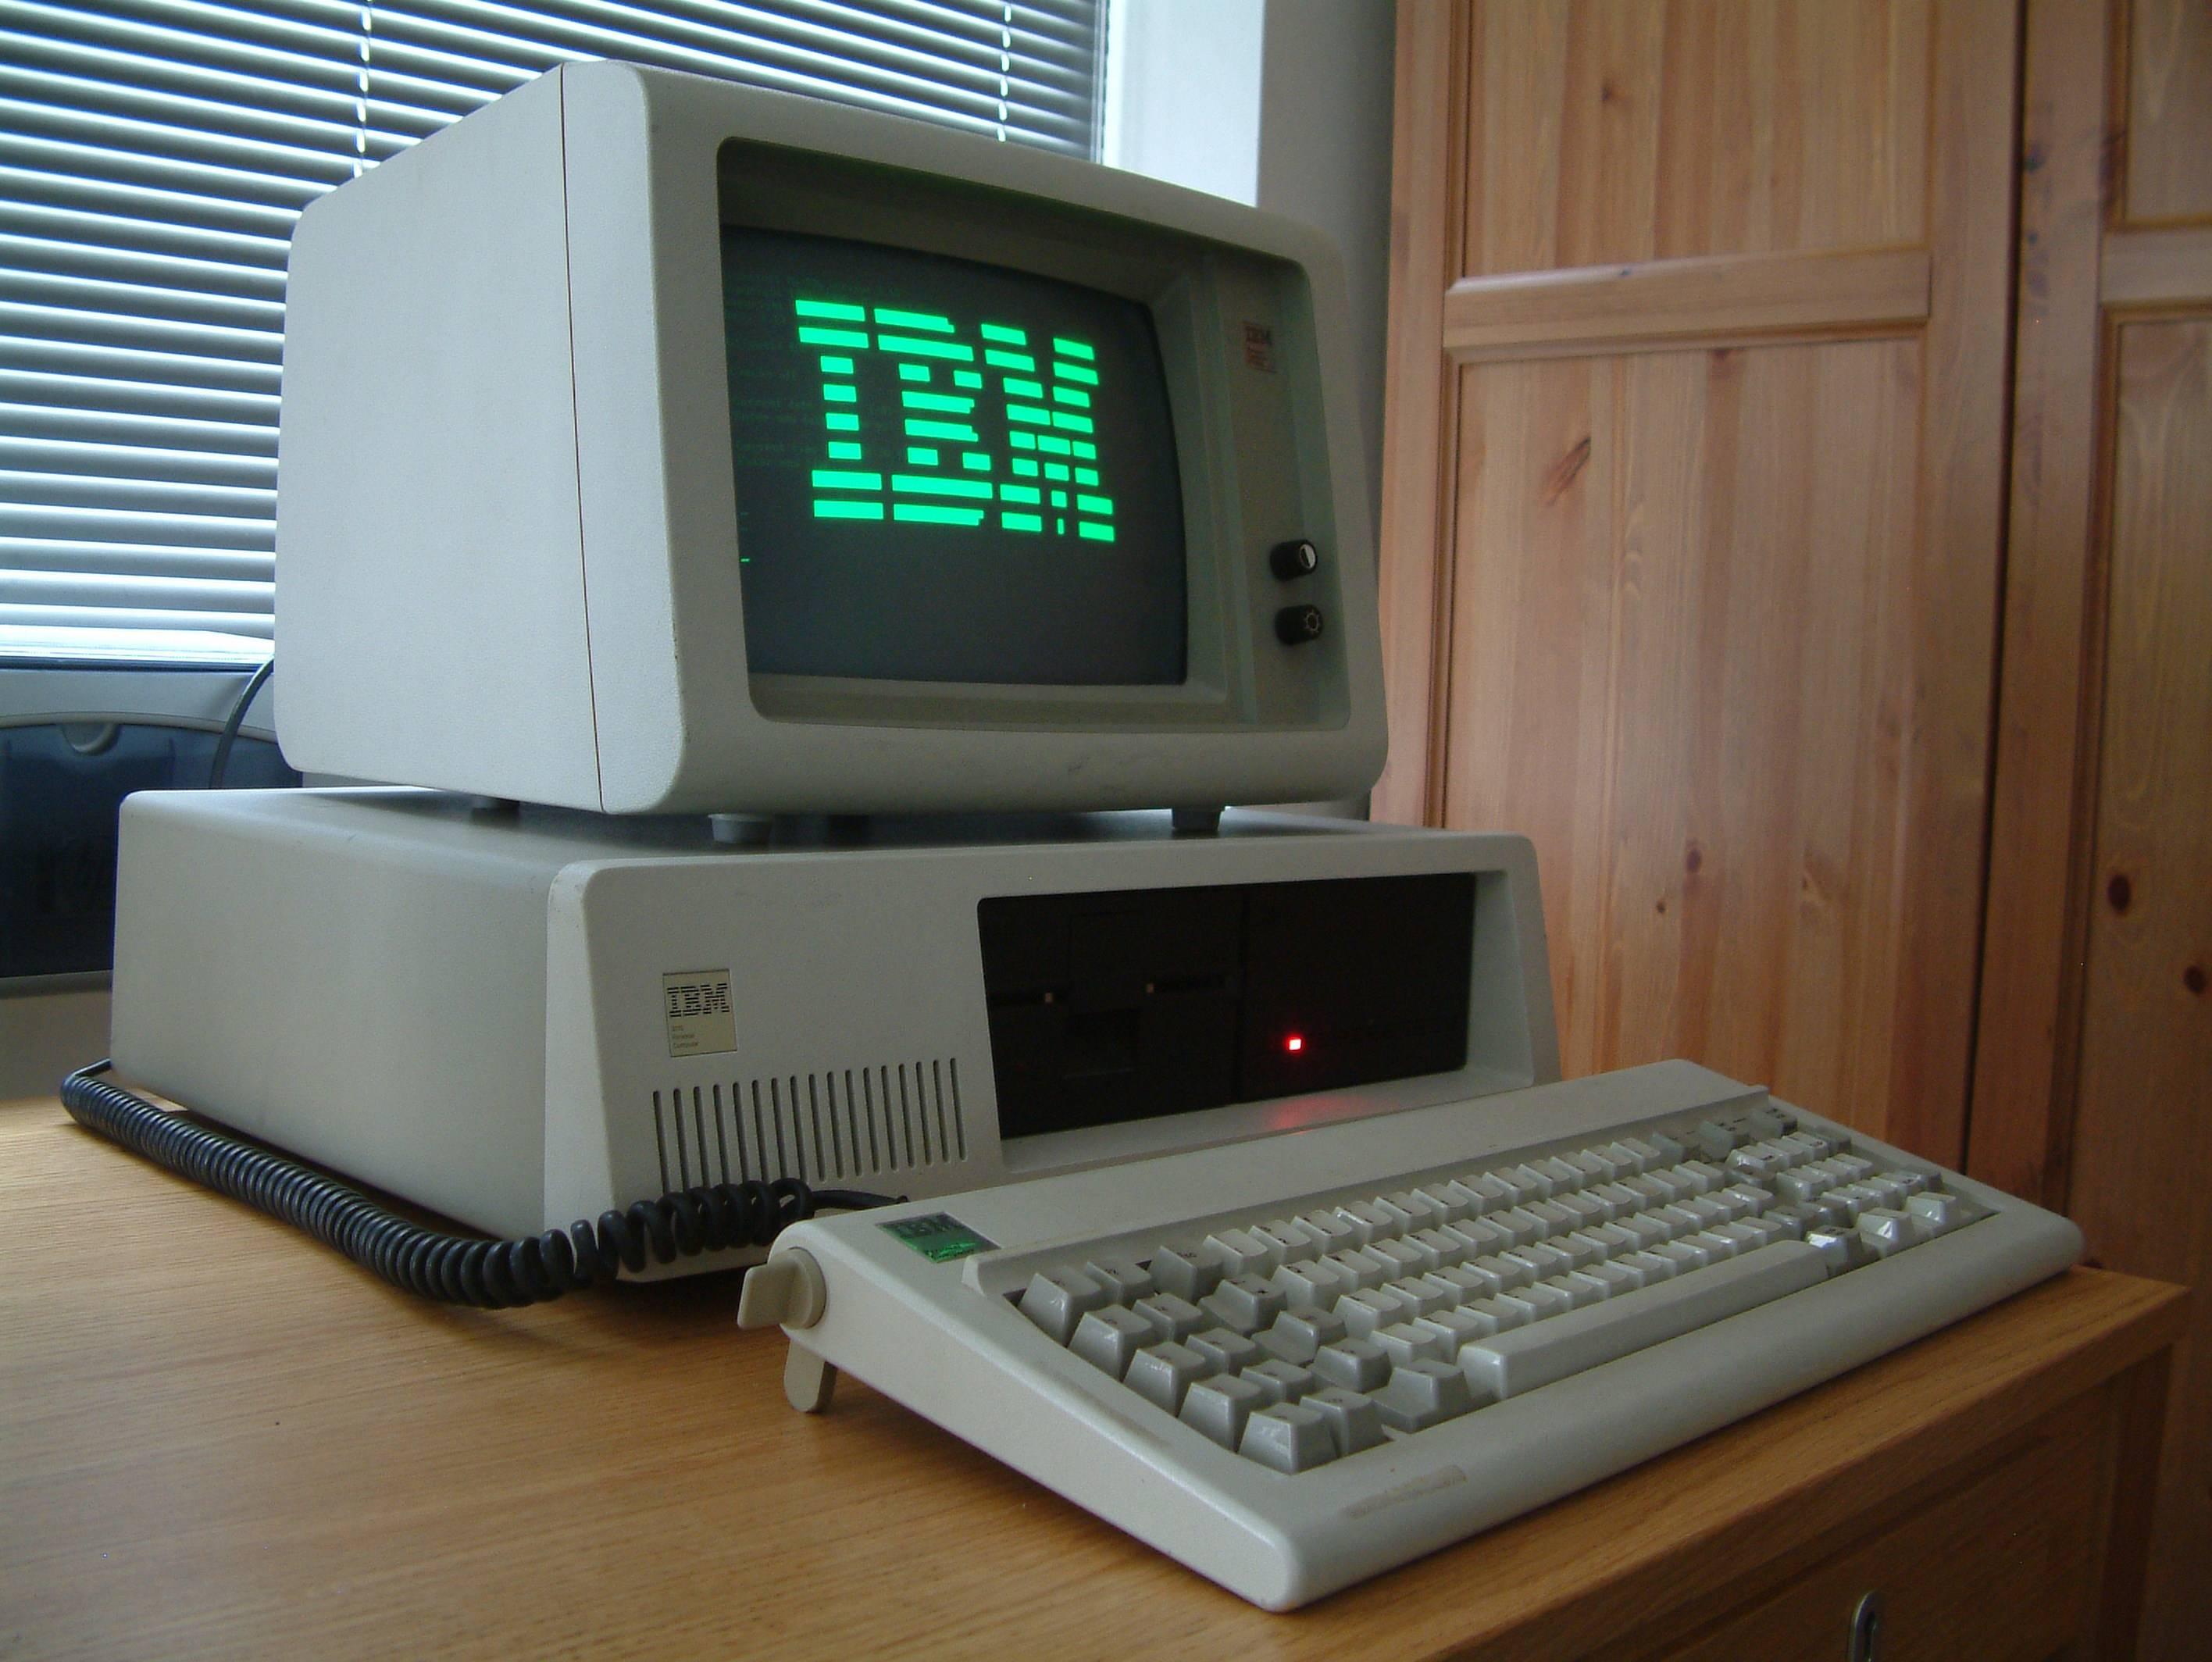 IBM et l'informatique, une grande histoire d'amour.